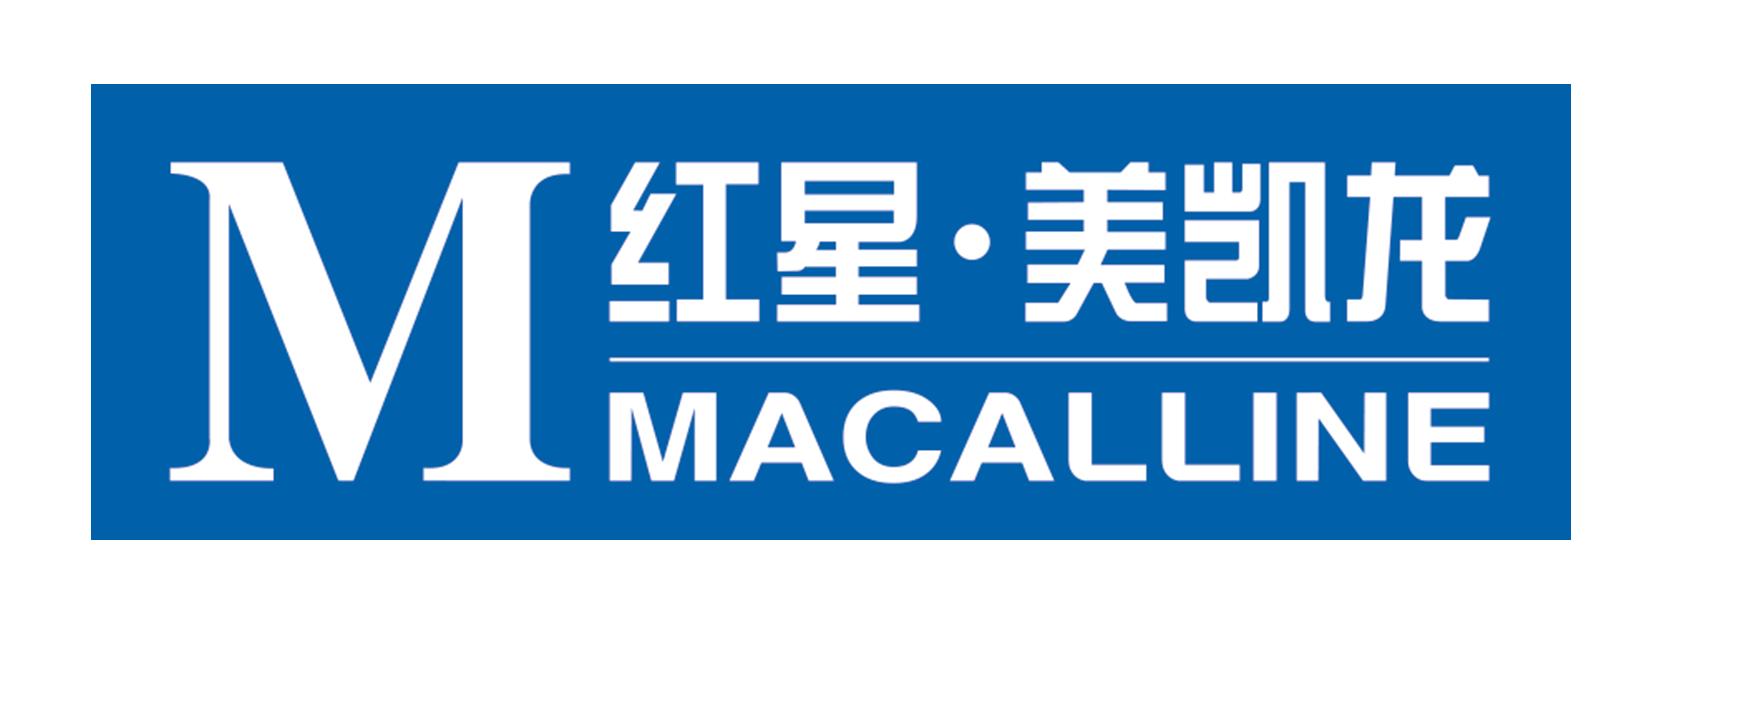 上海红星美凯龙品牌管理有限公司兴化分公司